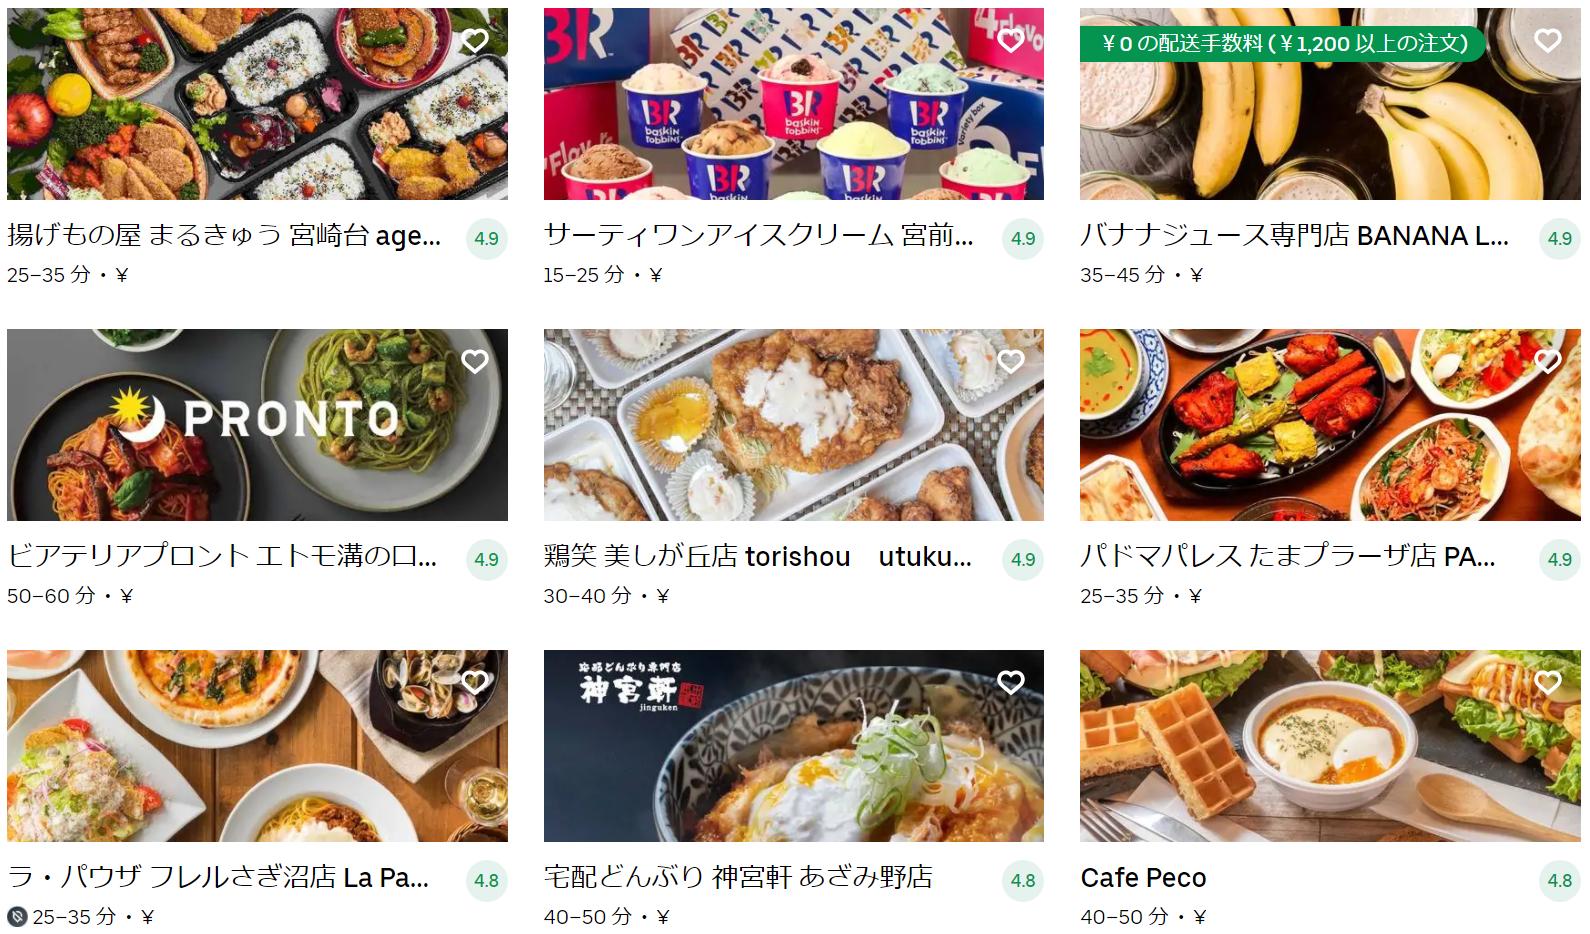 宮前区エリアのおすすめUber Eats(ウーバーイーツ)メニュー